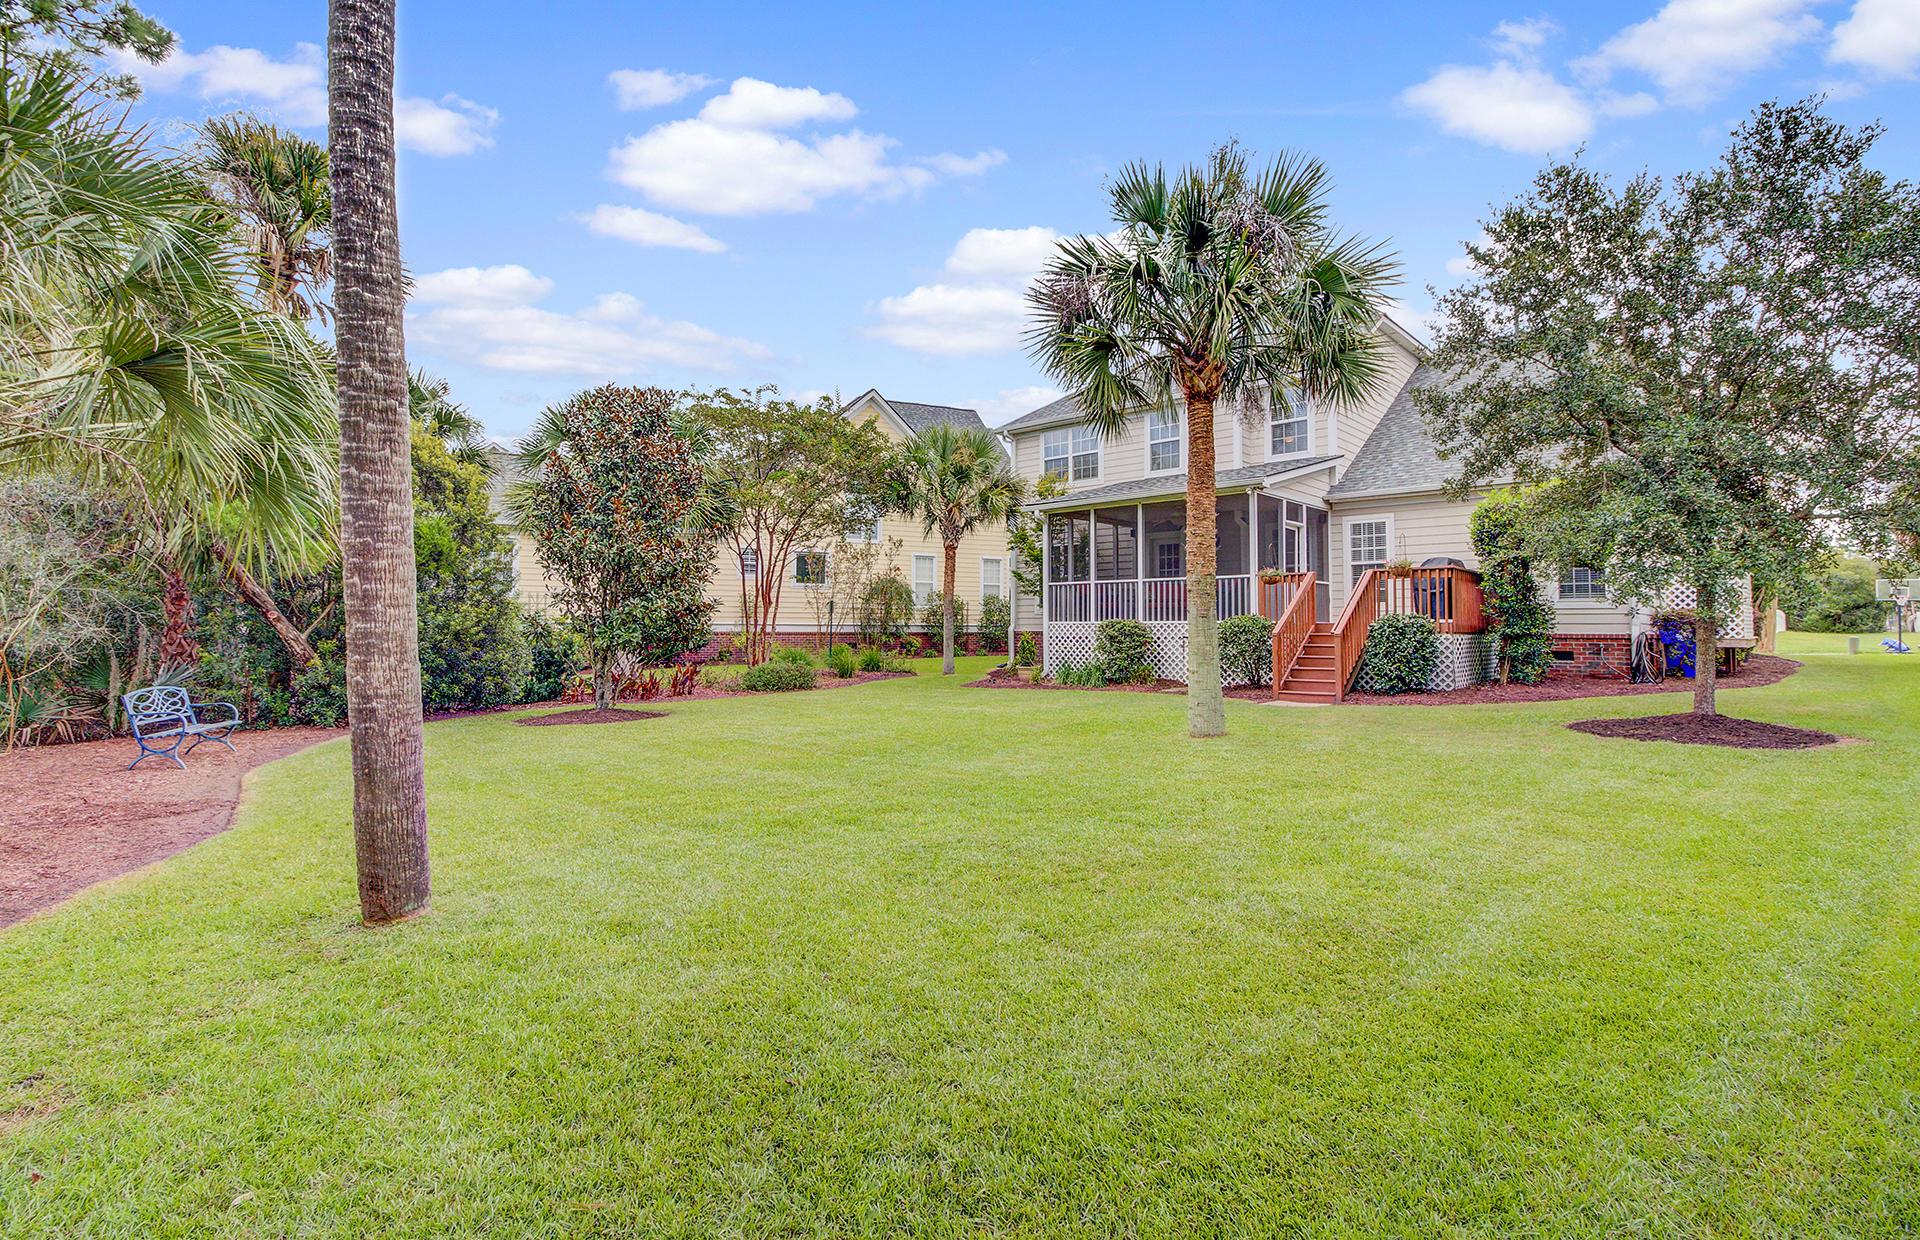 Park West Homes For Sale - 3120 Sonja, Mount Pleasant, SC - 44